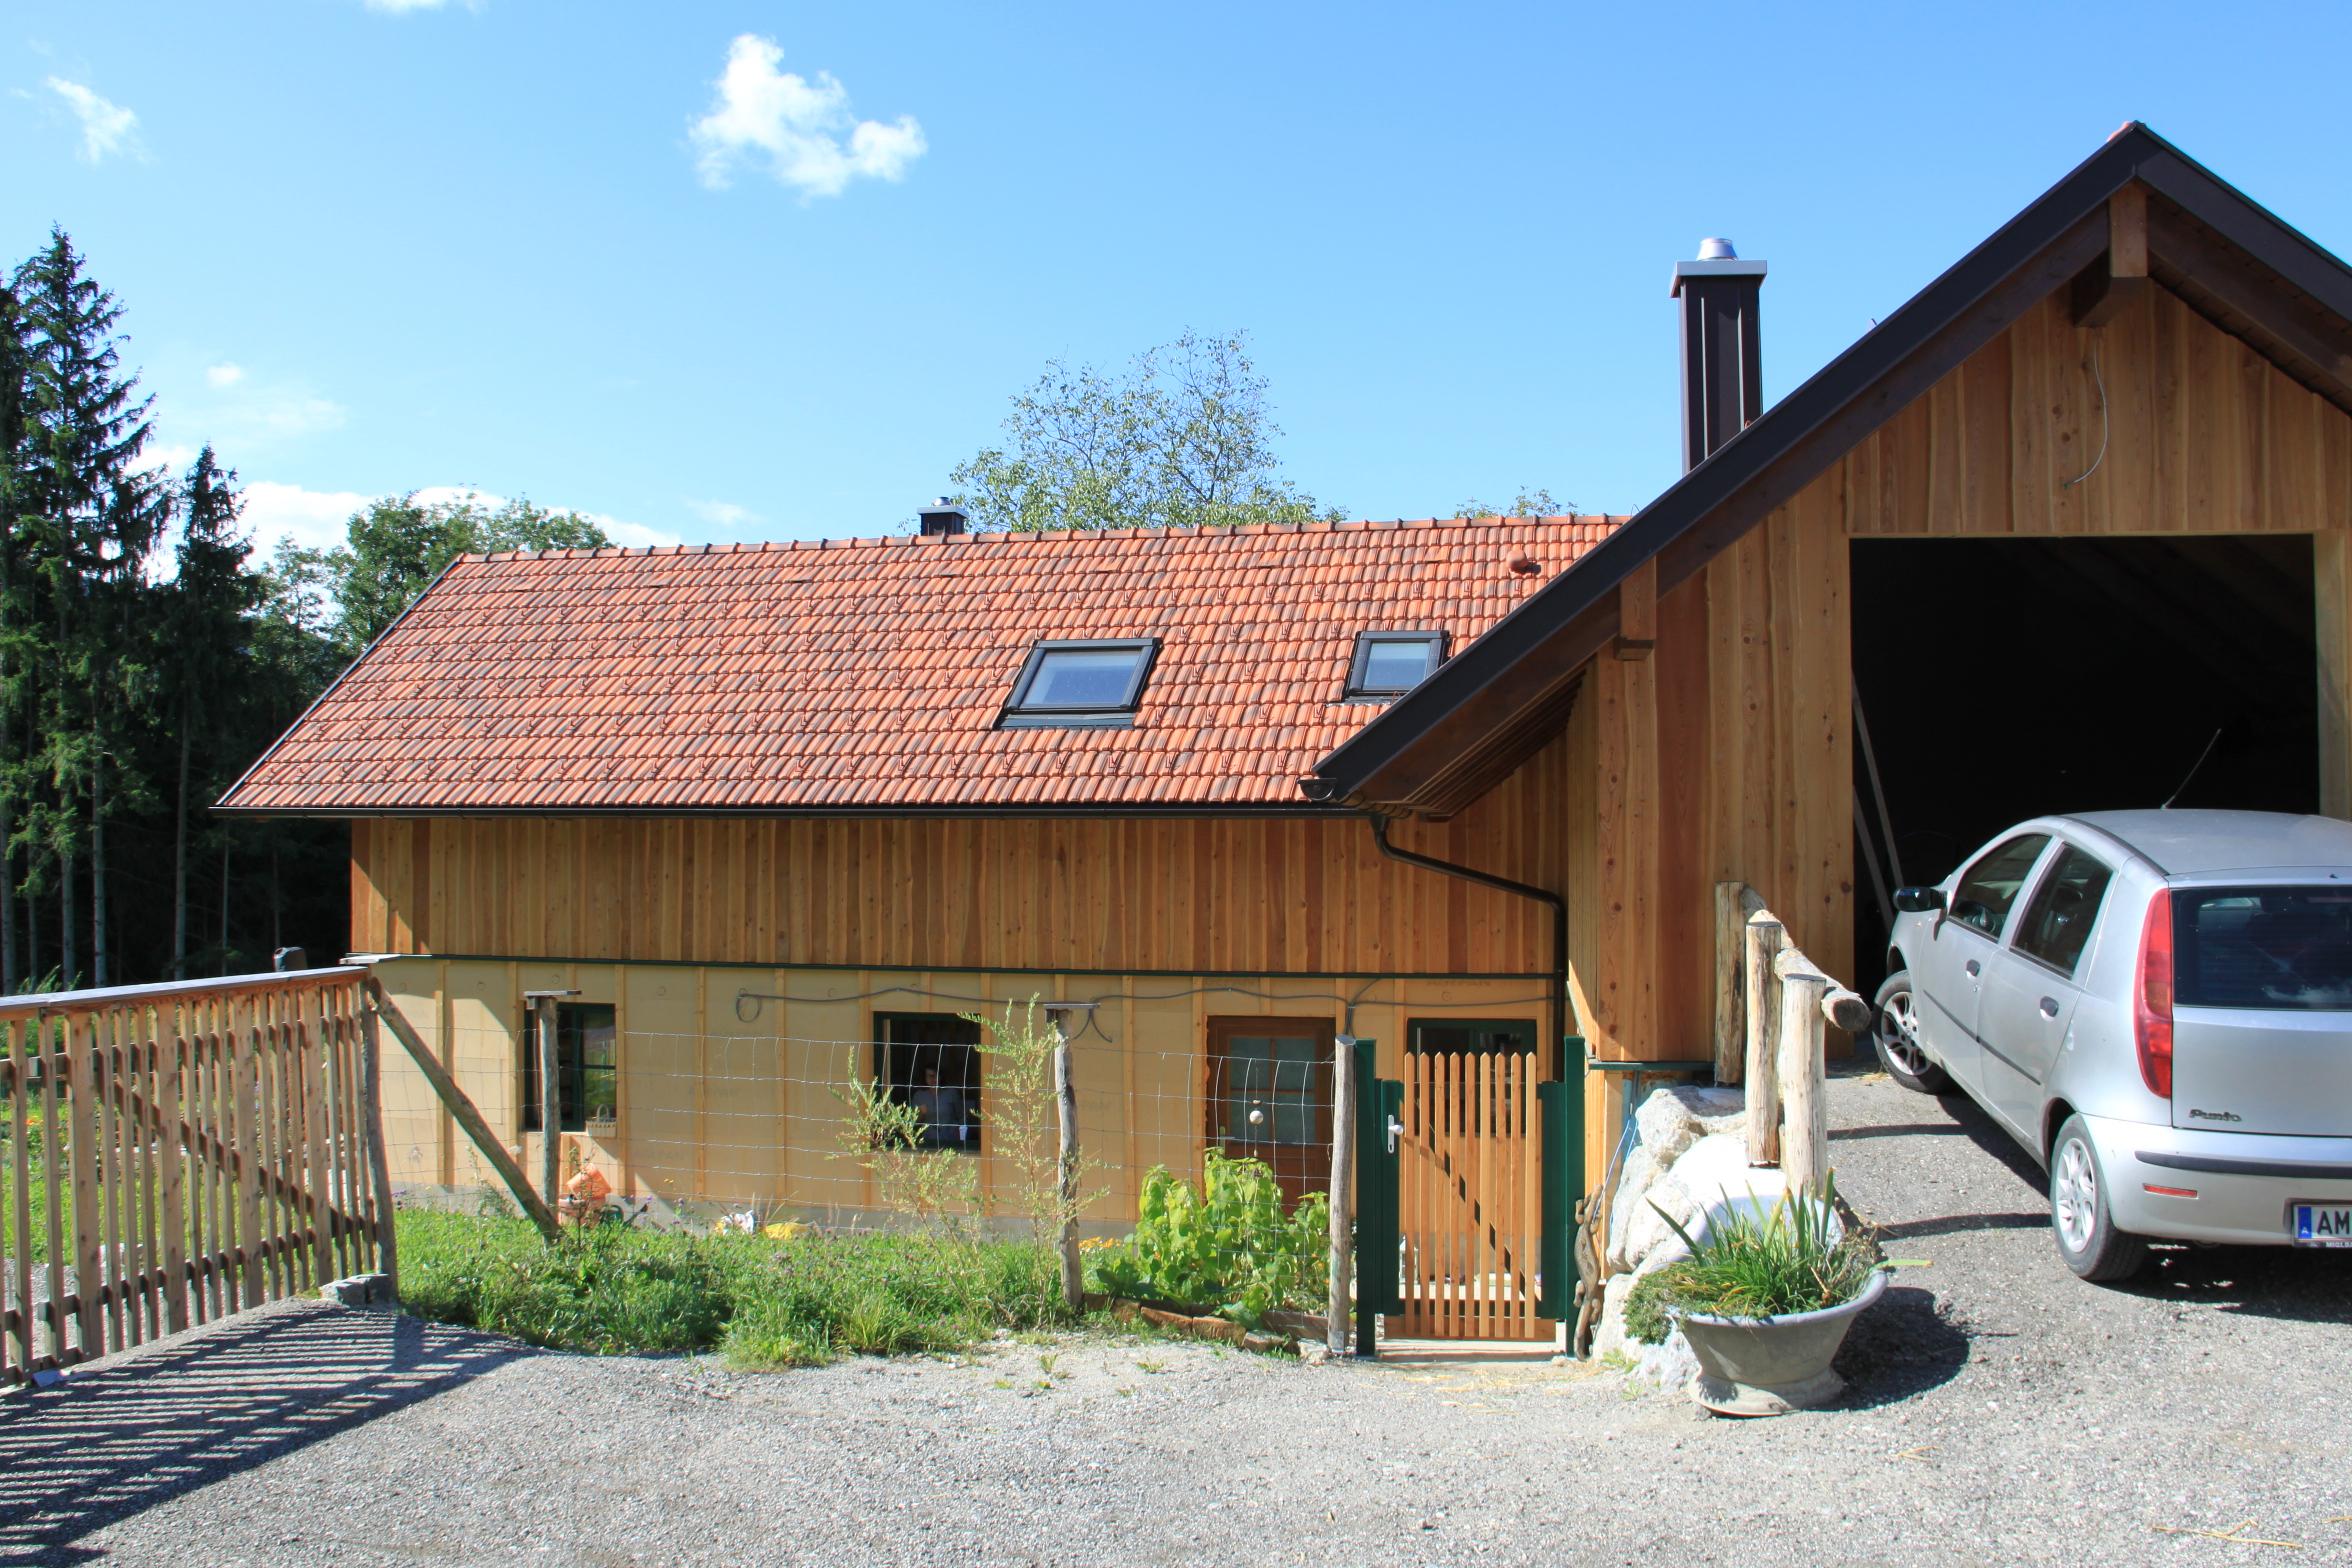 http://www.der-bauberater.at/wp-content/uploads/2017/10/Renovierung_Zubau_04.jpg